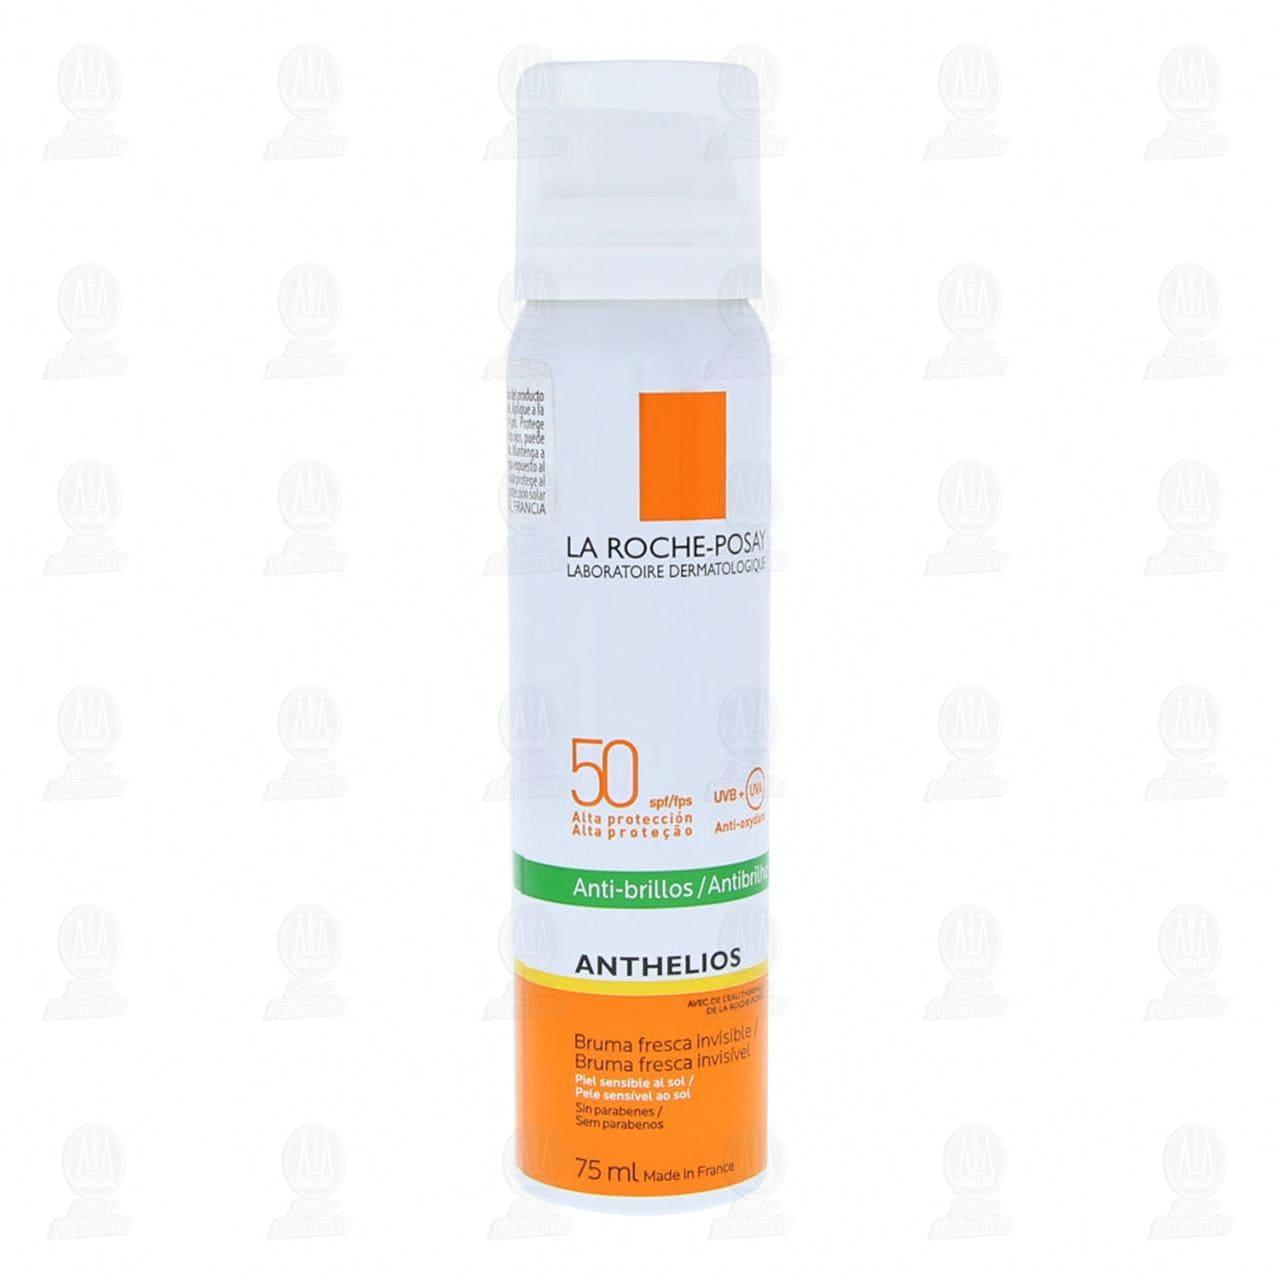 Comprar La Roche Posay Protector Solar Anthelios Bruma Fresca Invisible Anti-Brillos FPS 50, 75 ml. en Farmacias Guadalajara